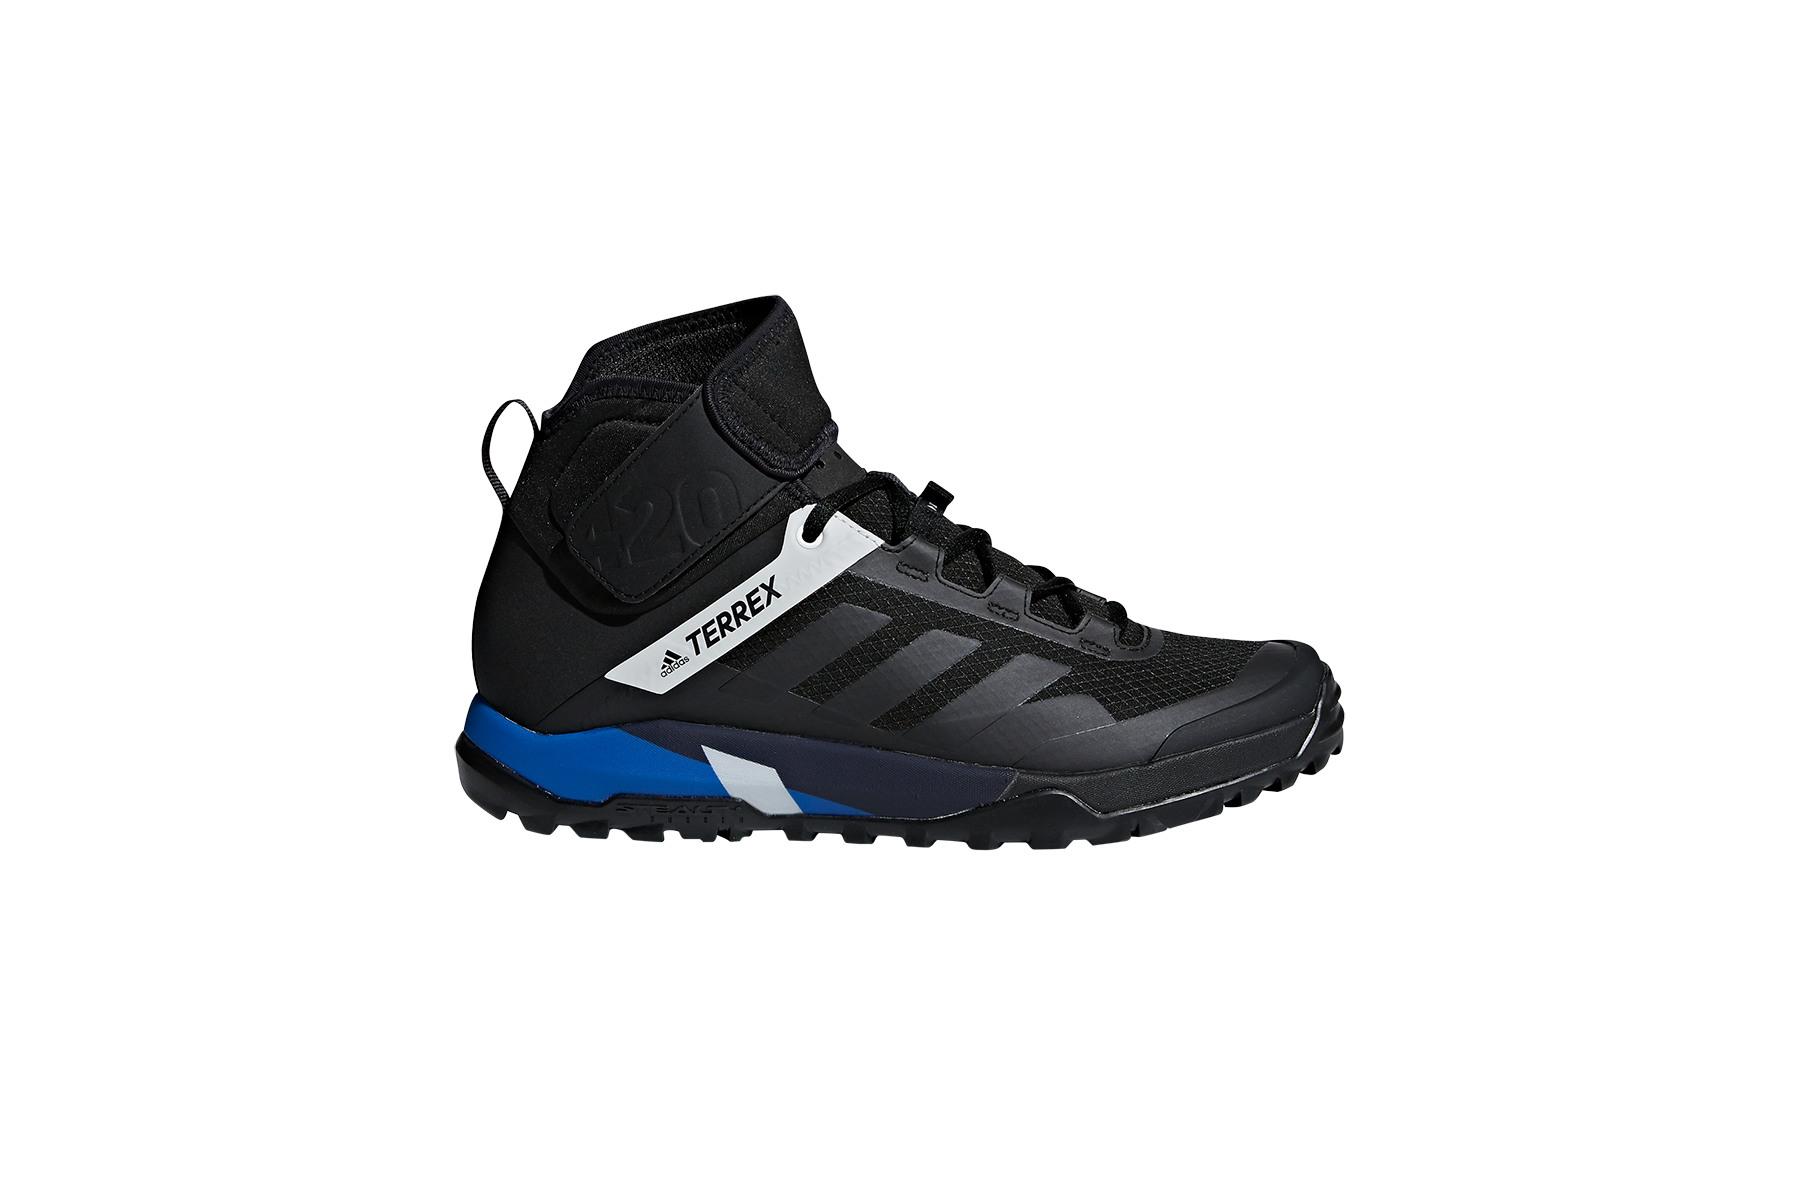 TERREX Flat adidas Pedal SL kaufenROSE CROSS TRAIL Schuhe xhrsCtQdB